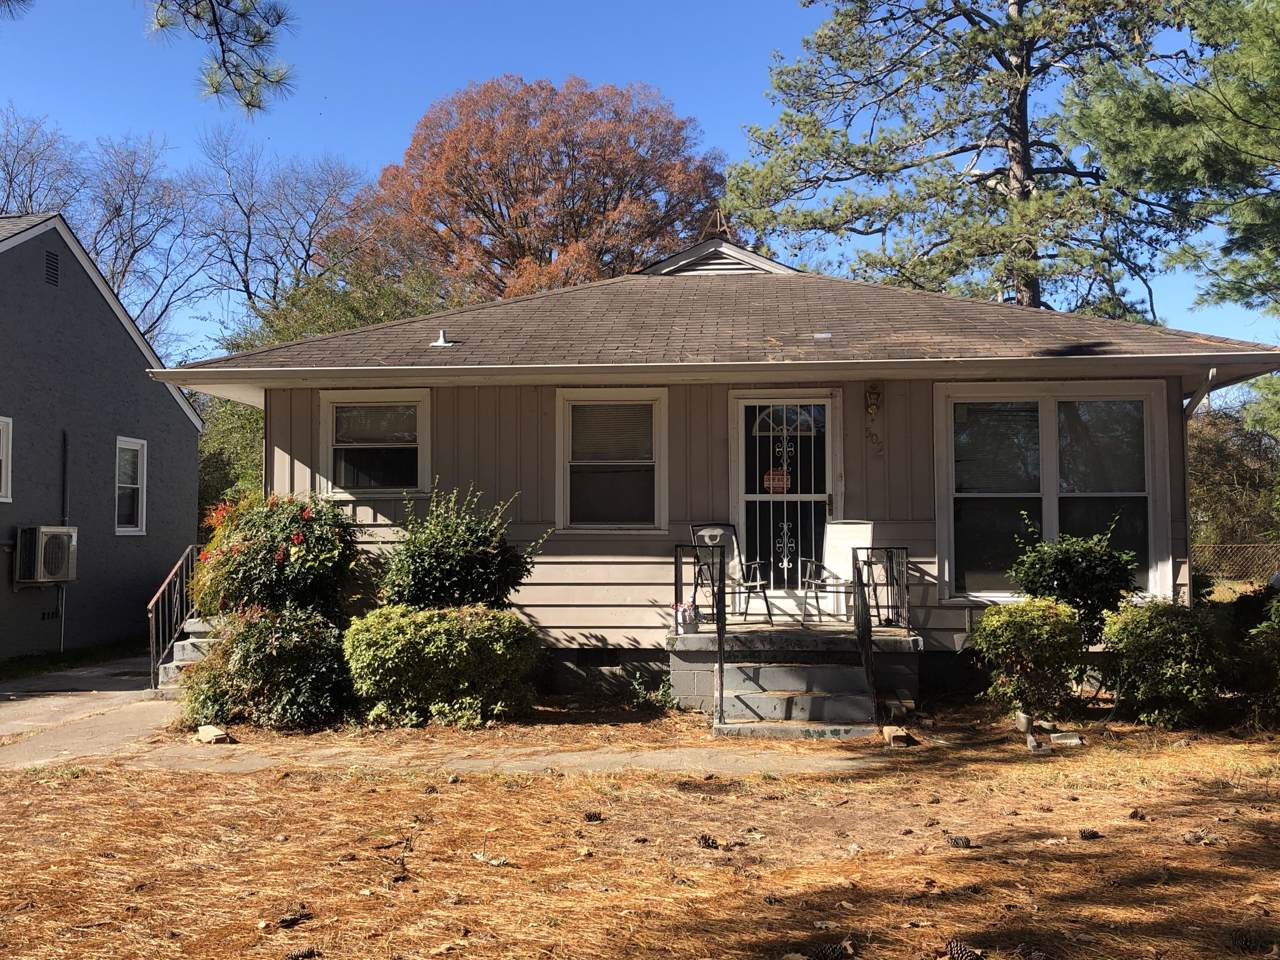 505 Woodvale Ave - Photo 1